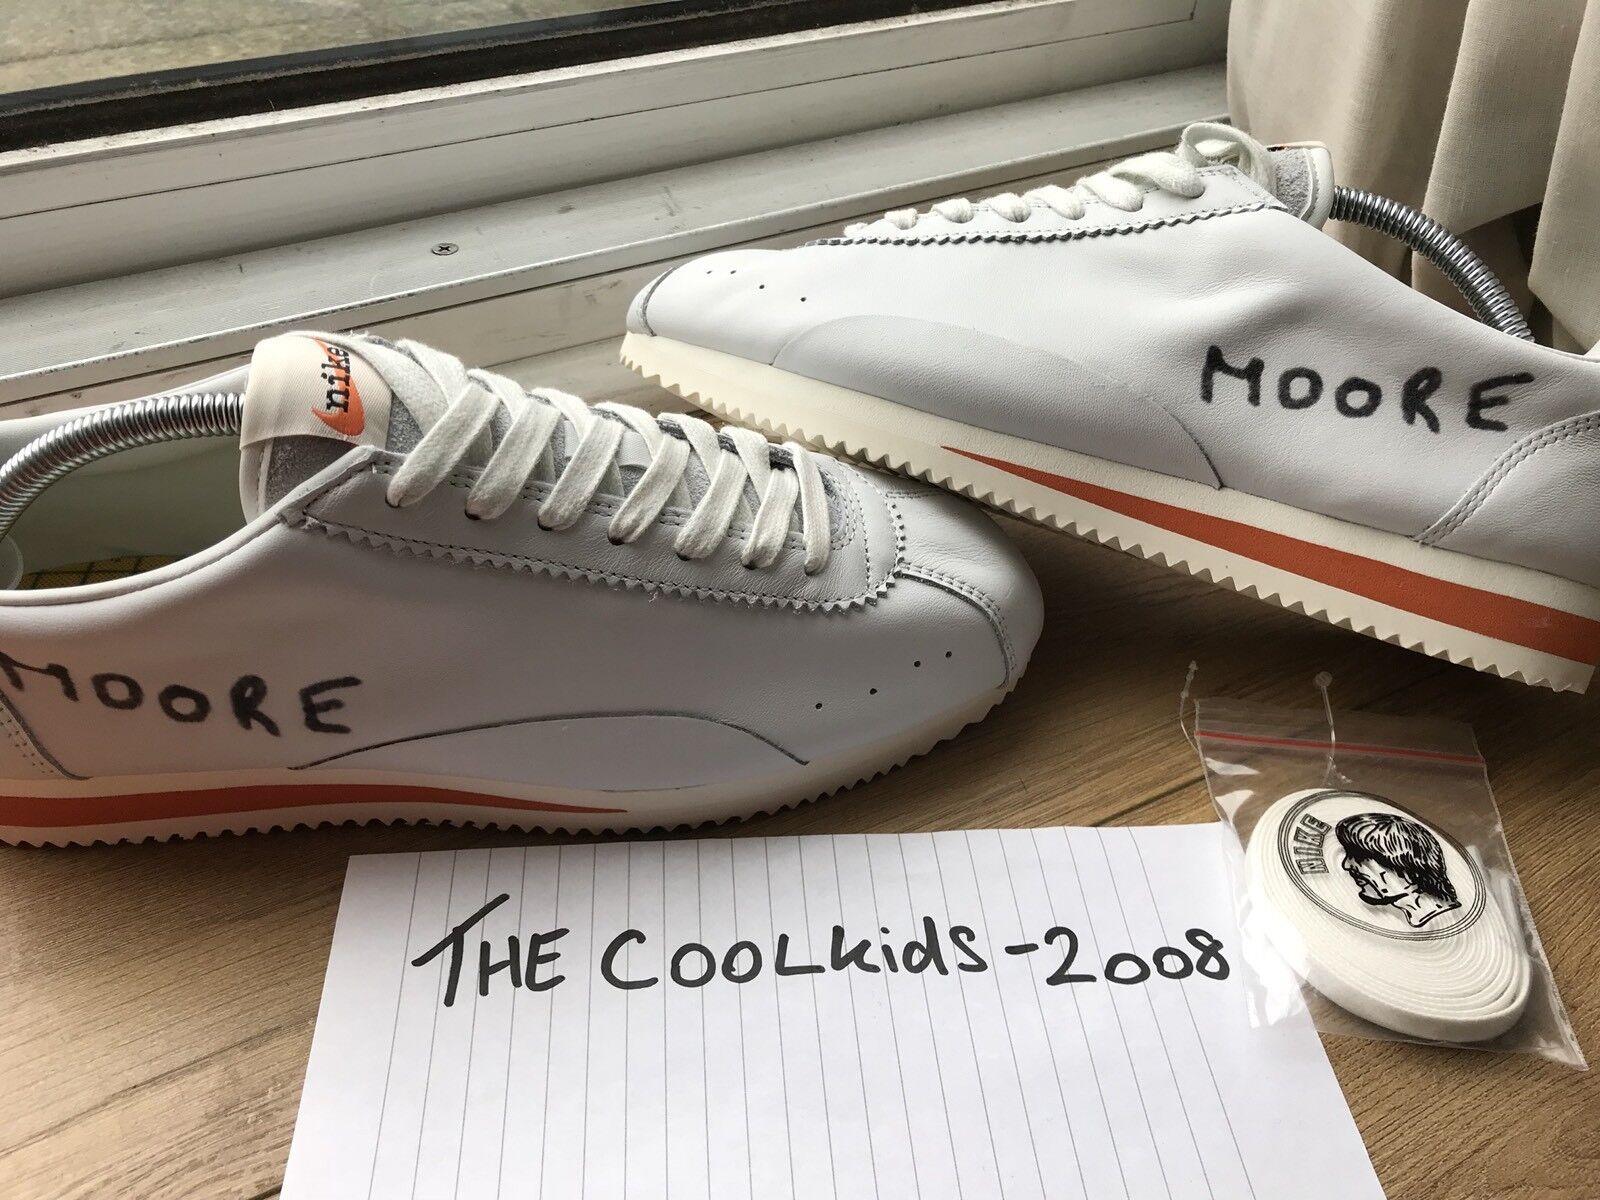 Nike X Kenny Moore Classic Cortez Tag Nuovo di di di zecca con RARA  Sunil 2  HO | Altamente elogiato e apprezzato dal pubblico dei consumatori  5578ba